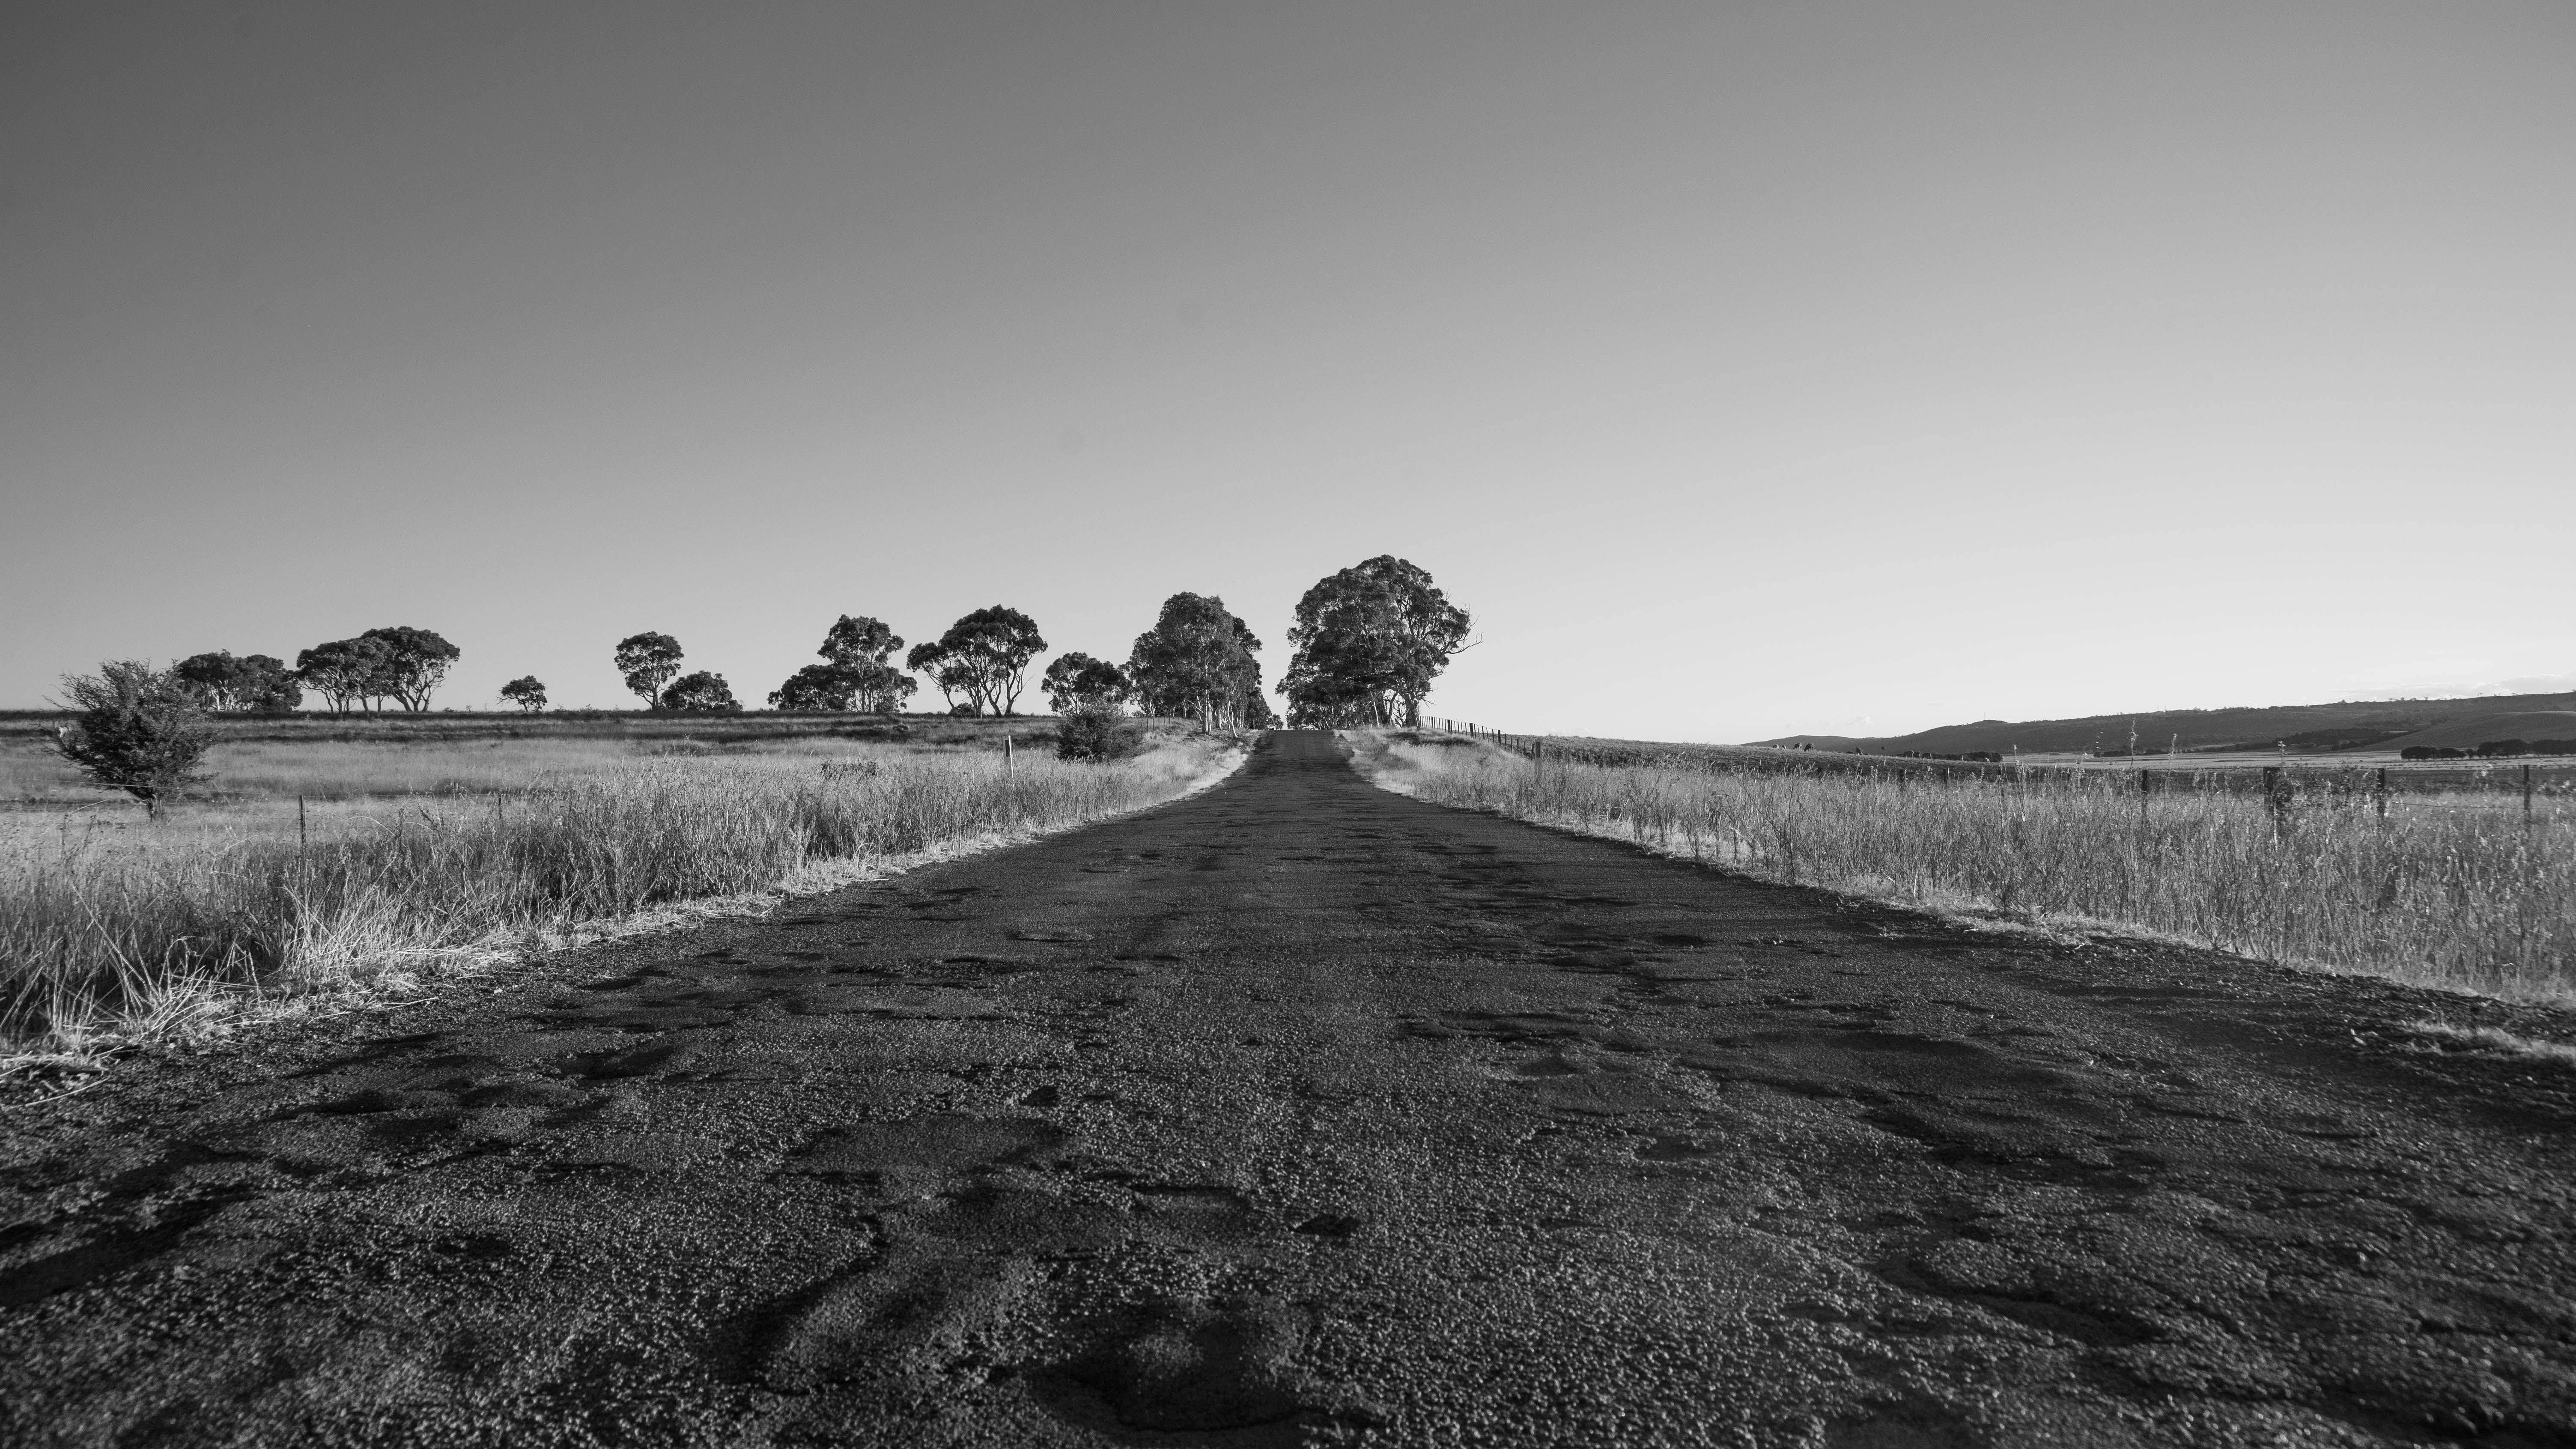 Δωρεάν στοκ φωτογραφιών με bnw, canberra, ασπρόμαυρο, αυστραλιανό θάμνο